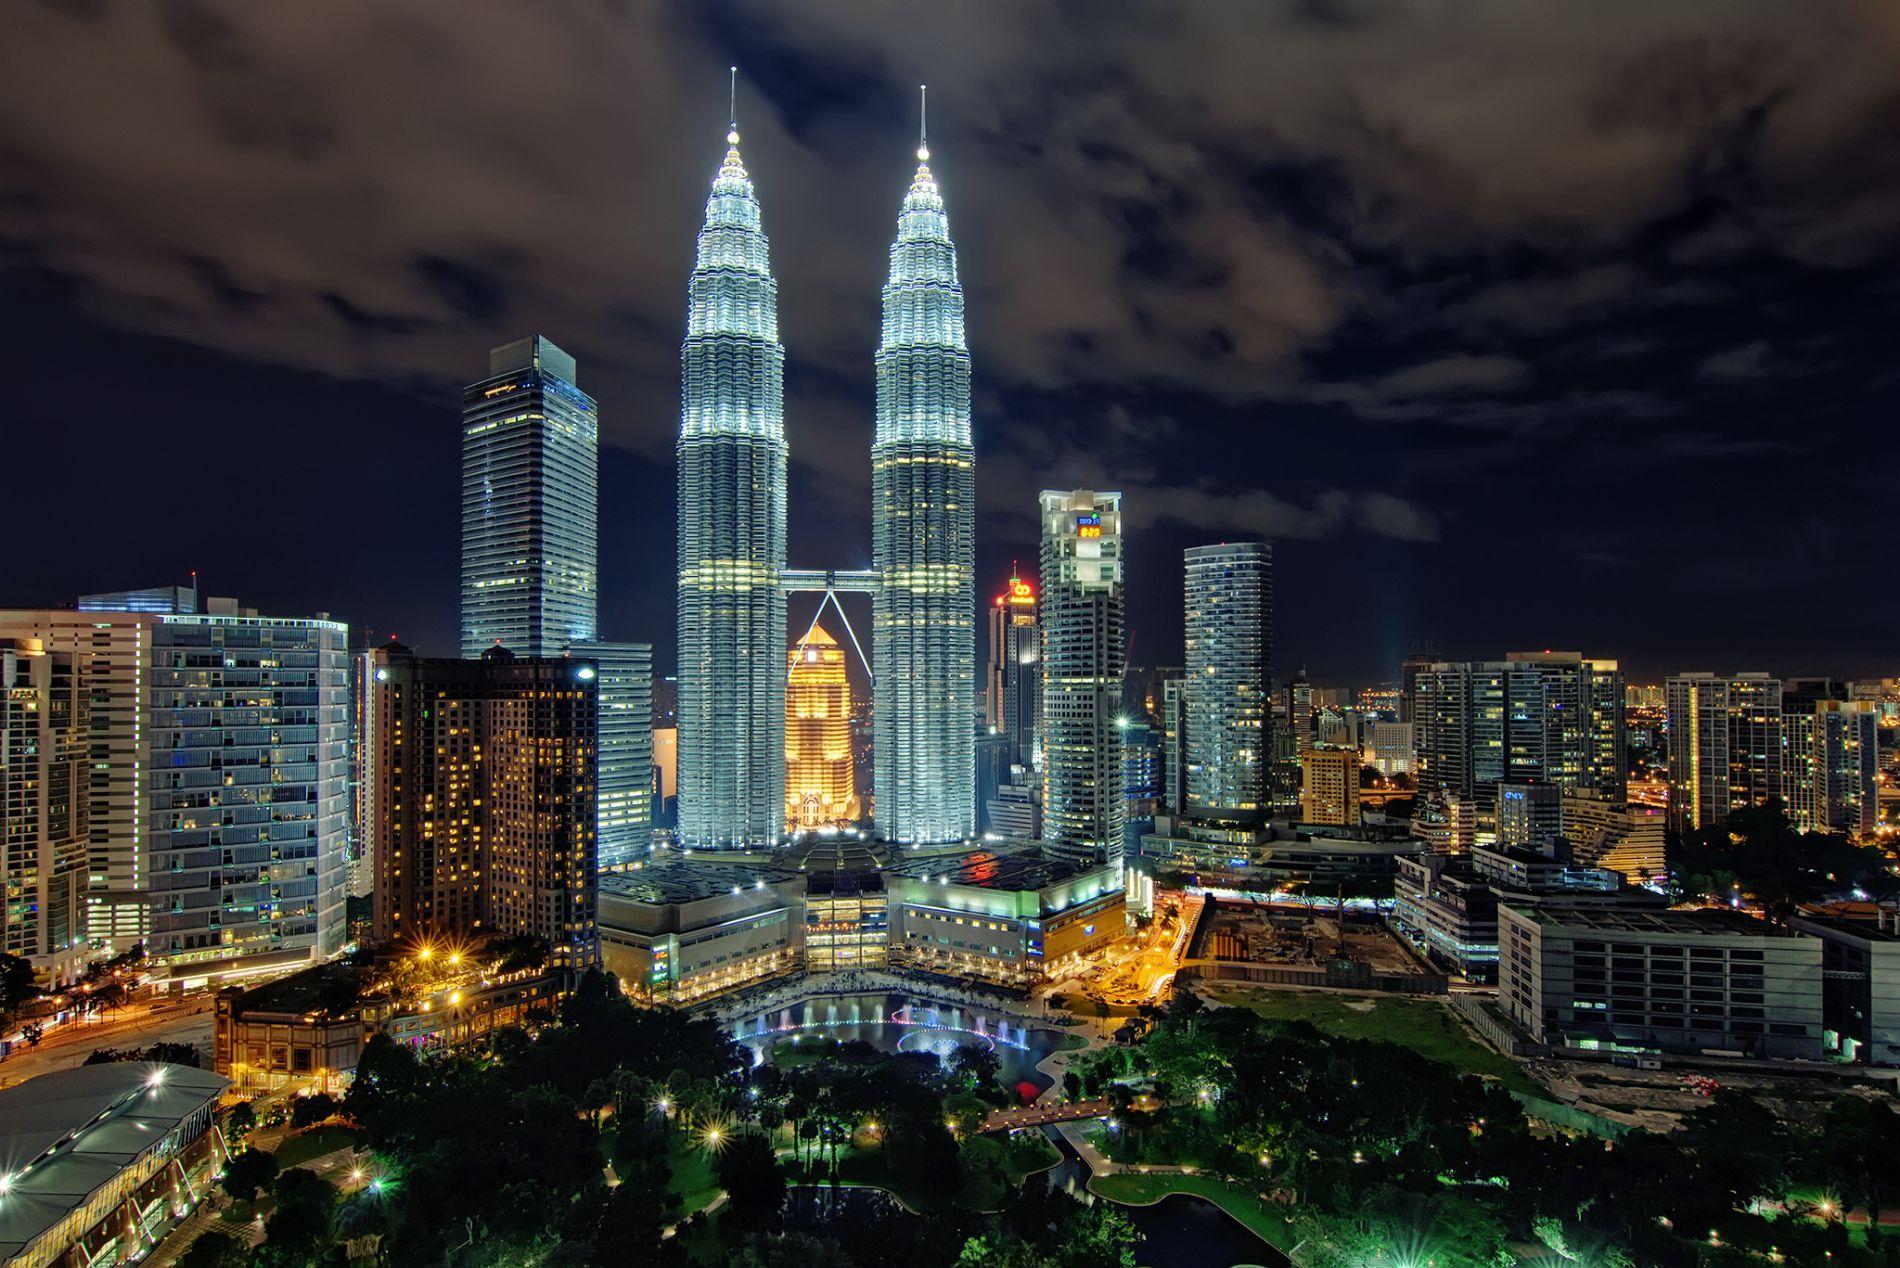 Куала-Лумпур достопримечательности фото 5